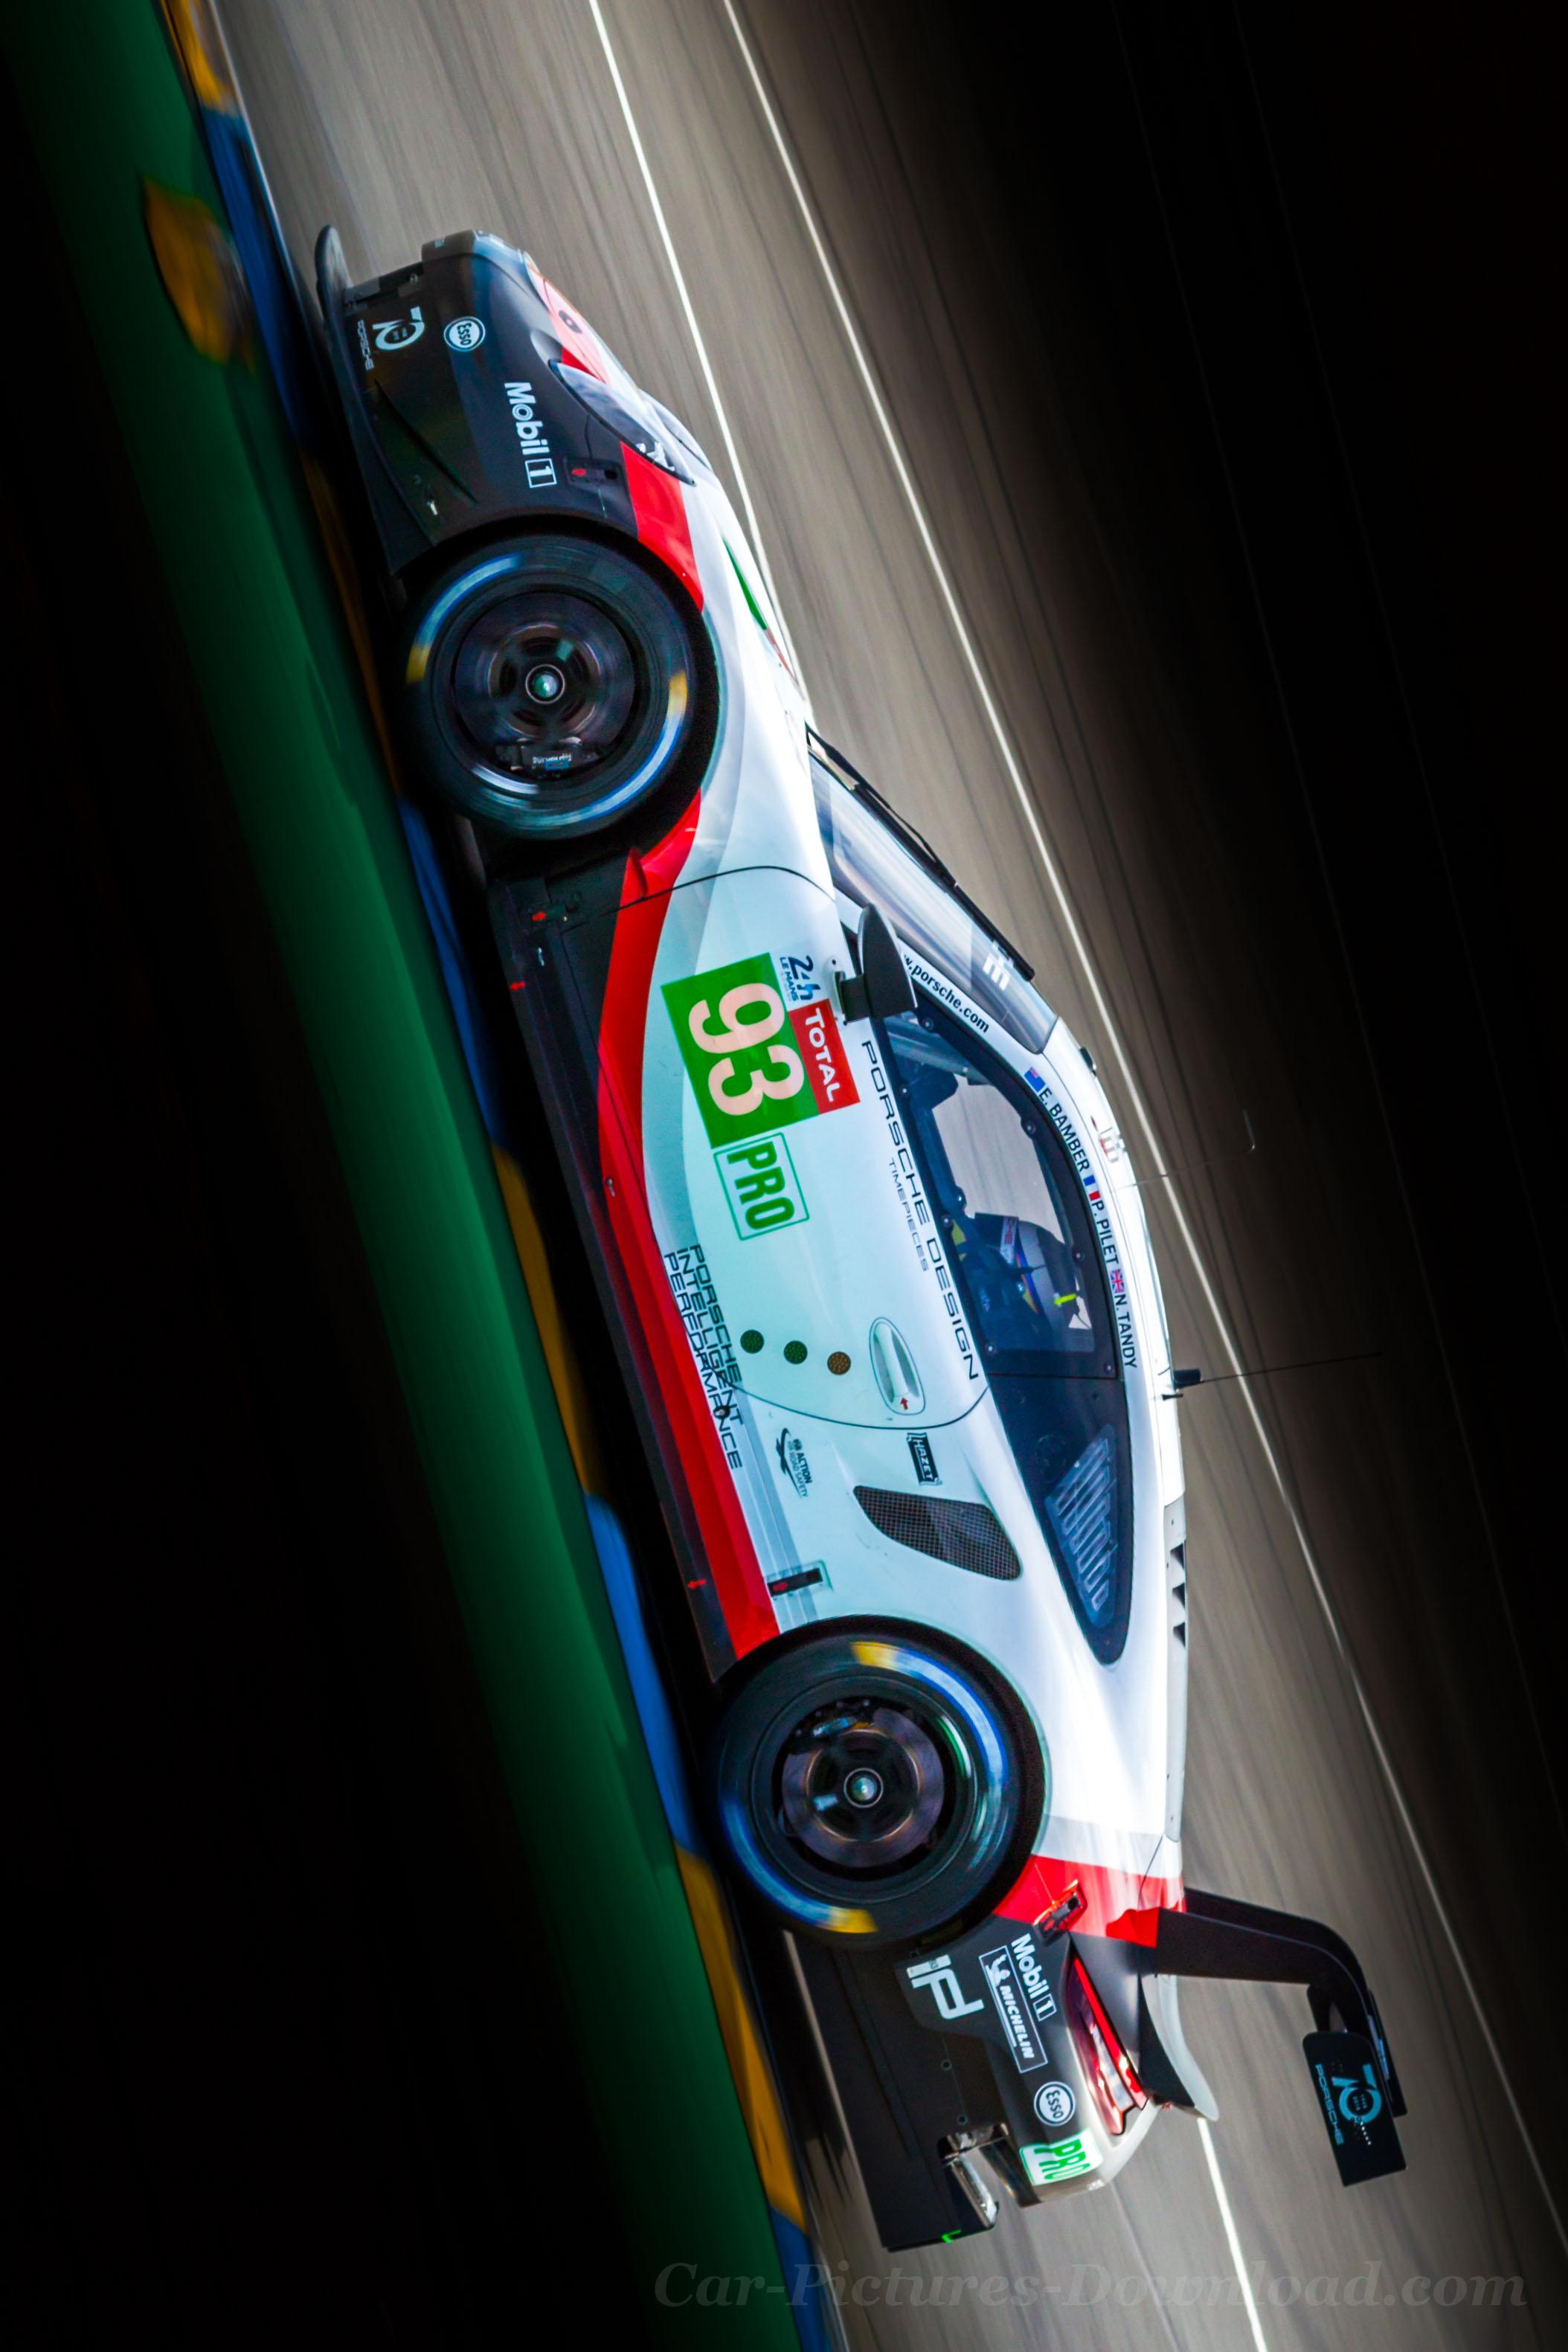 Porsche 911 Rsr Wallpaper Iphone 2108x3162 Download Hd Wallpaper Wallpapertip